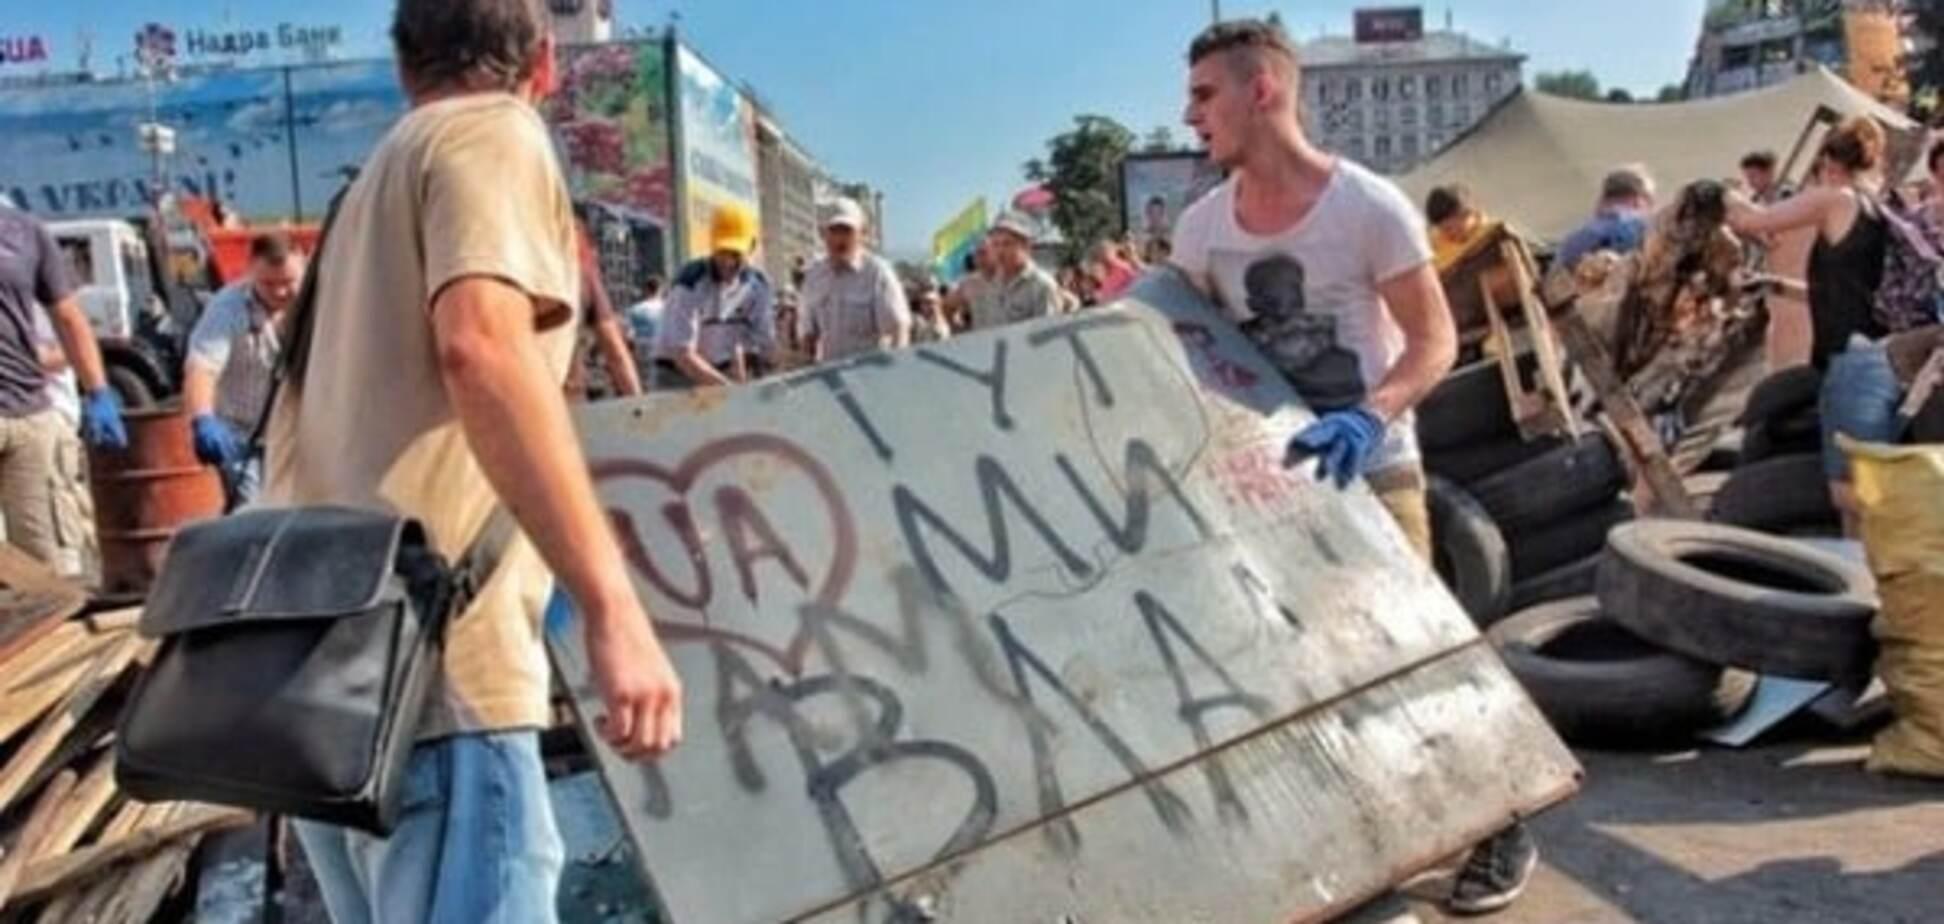 Майдан проиграл: Украине нужен прогрессор